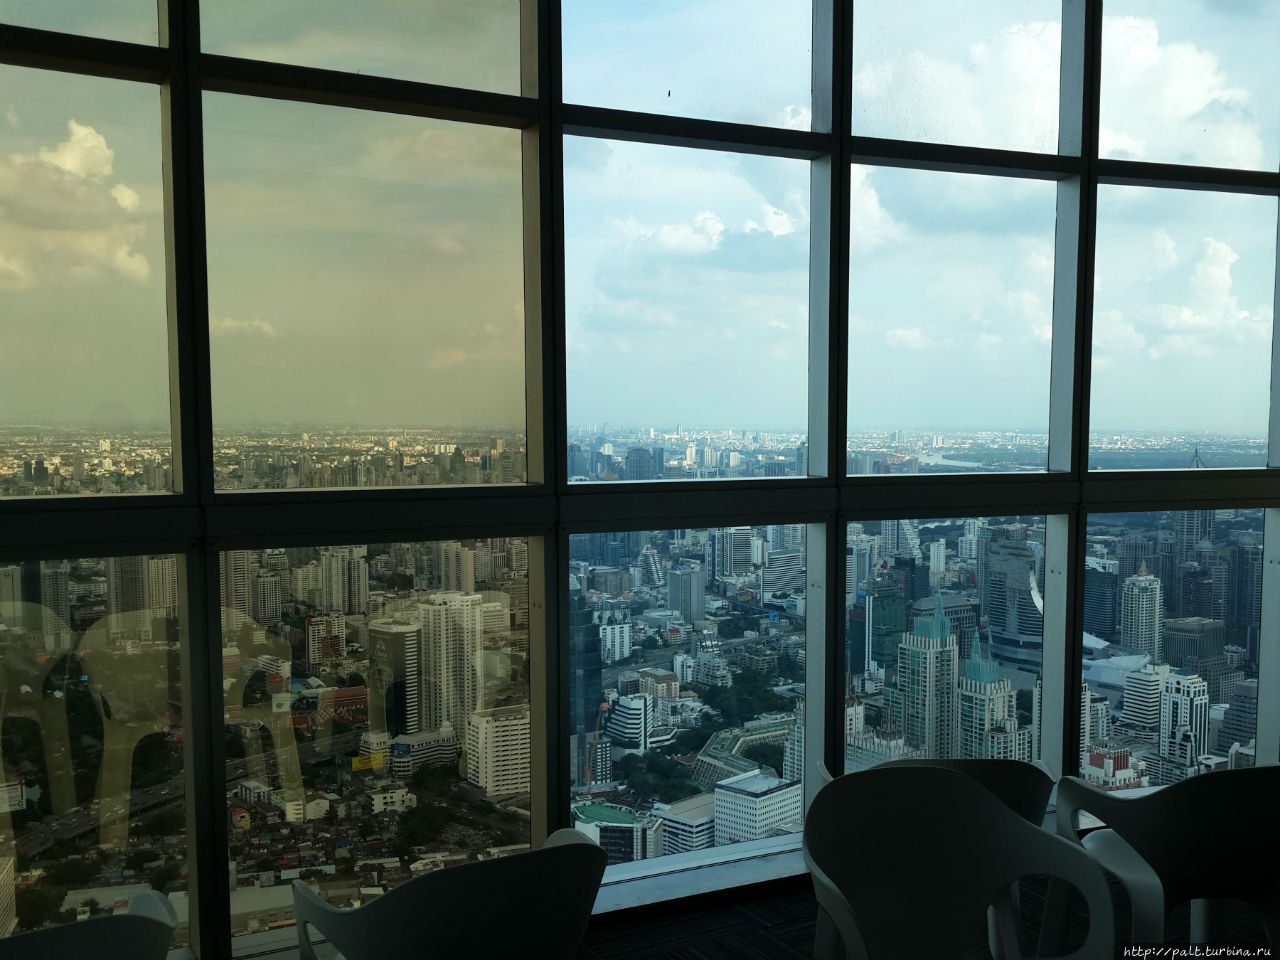 84 этаж Башни Байок. Красота, но за стеклом